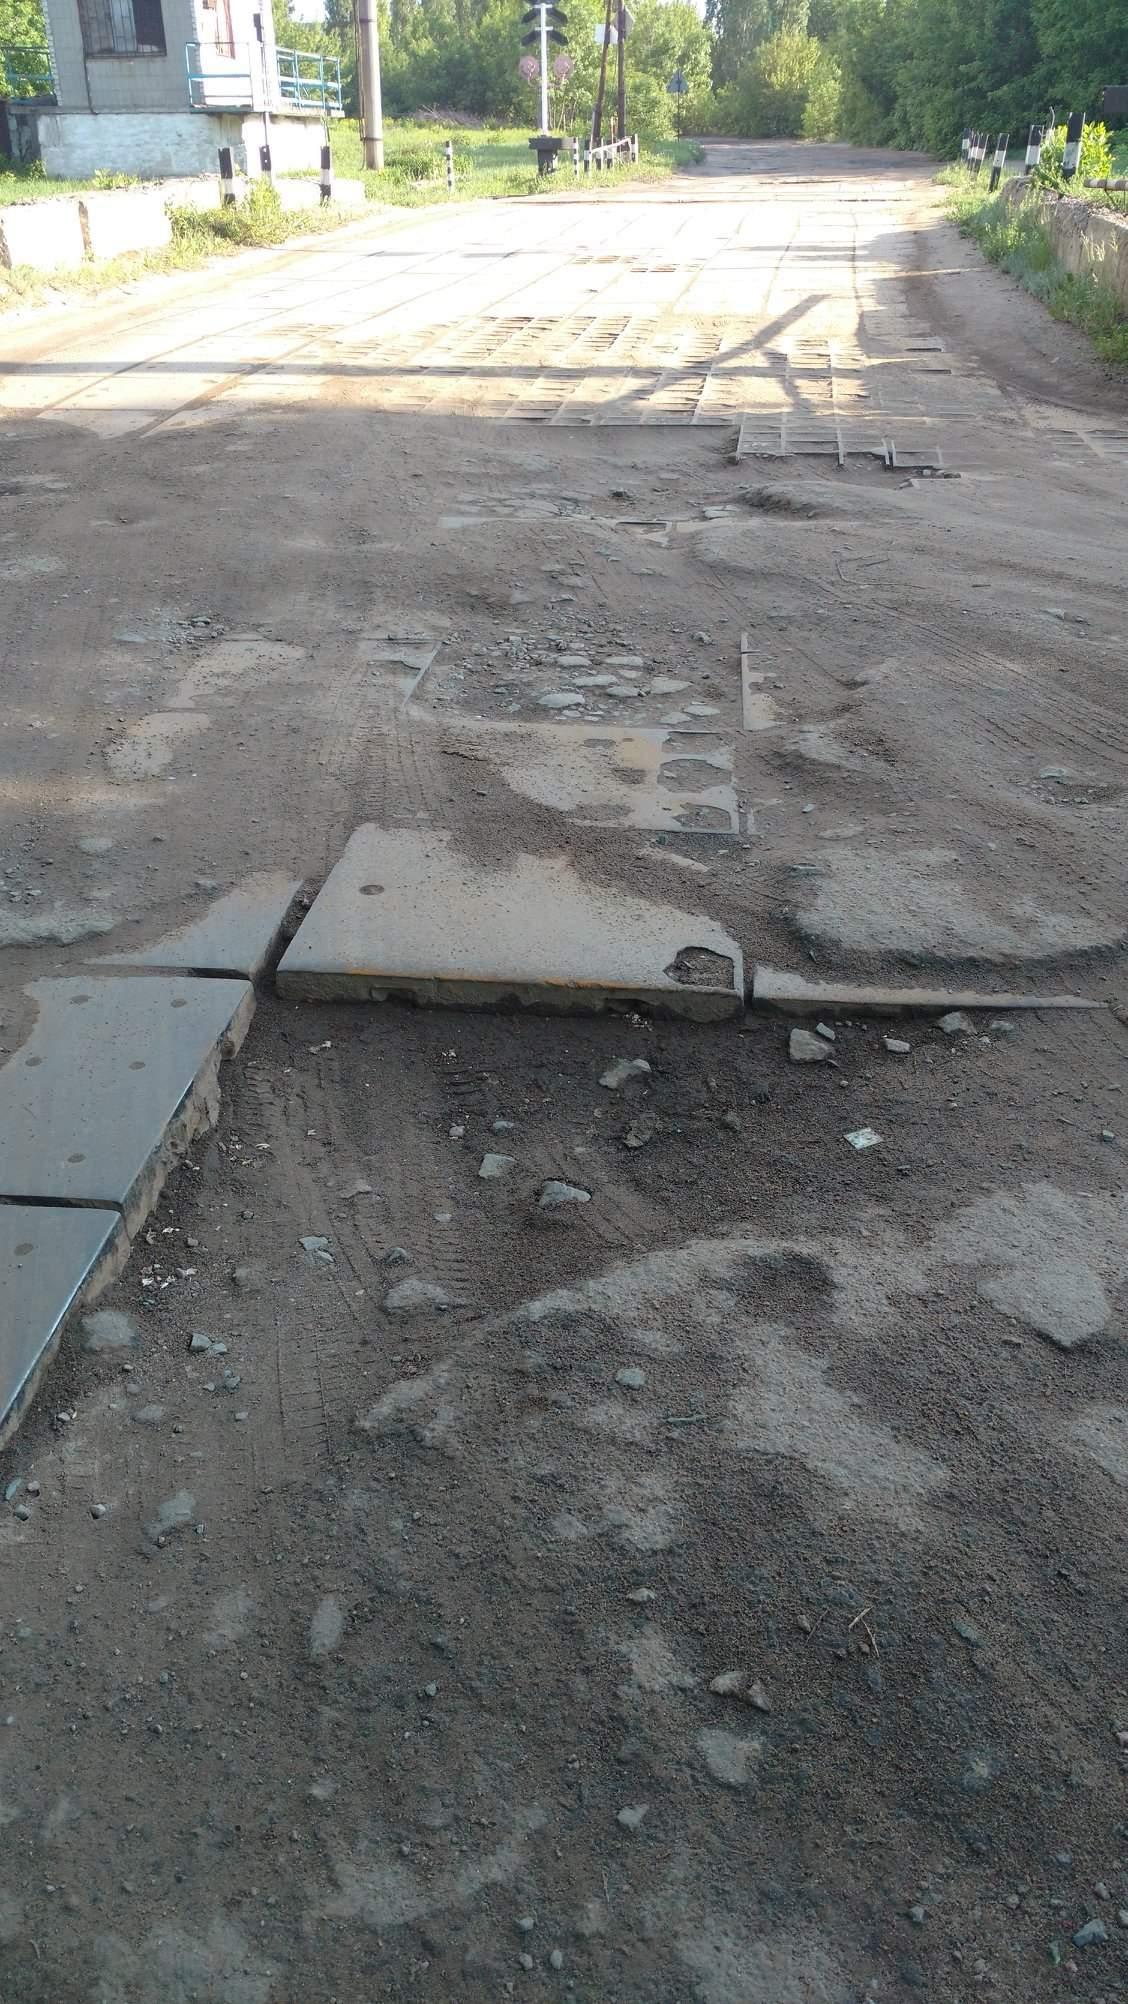 «Яма на яме»: В одном из районов Харькова дороги совсем нет (фото)